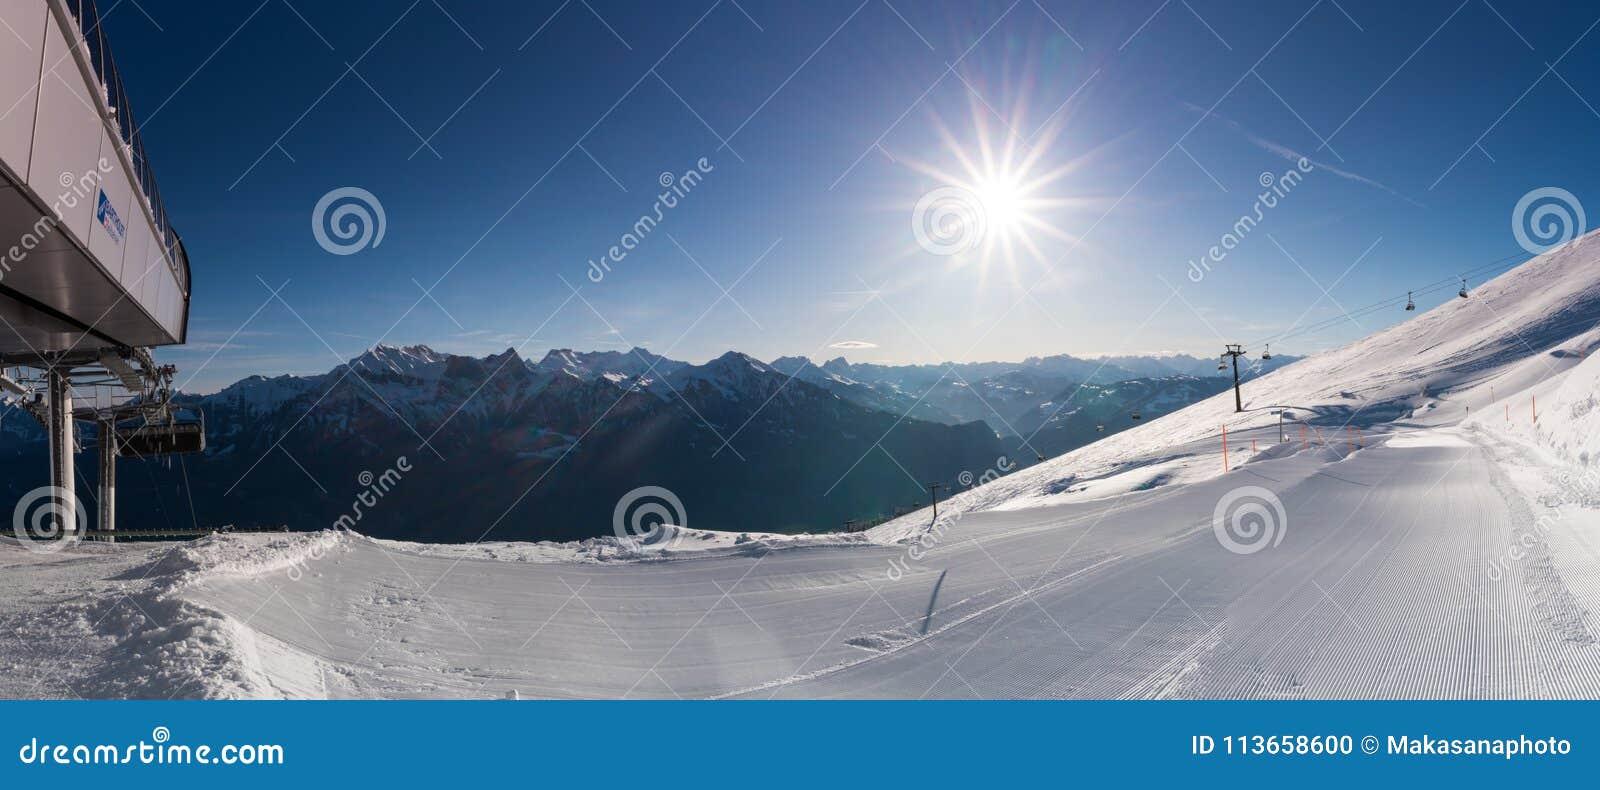 Świeżo przygotowany narciarski skłonu, narty teren z i